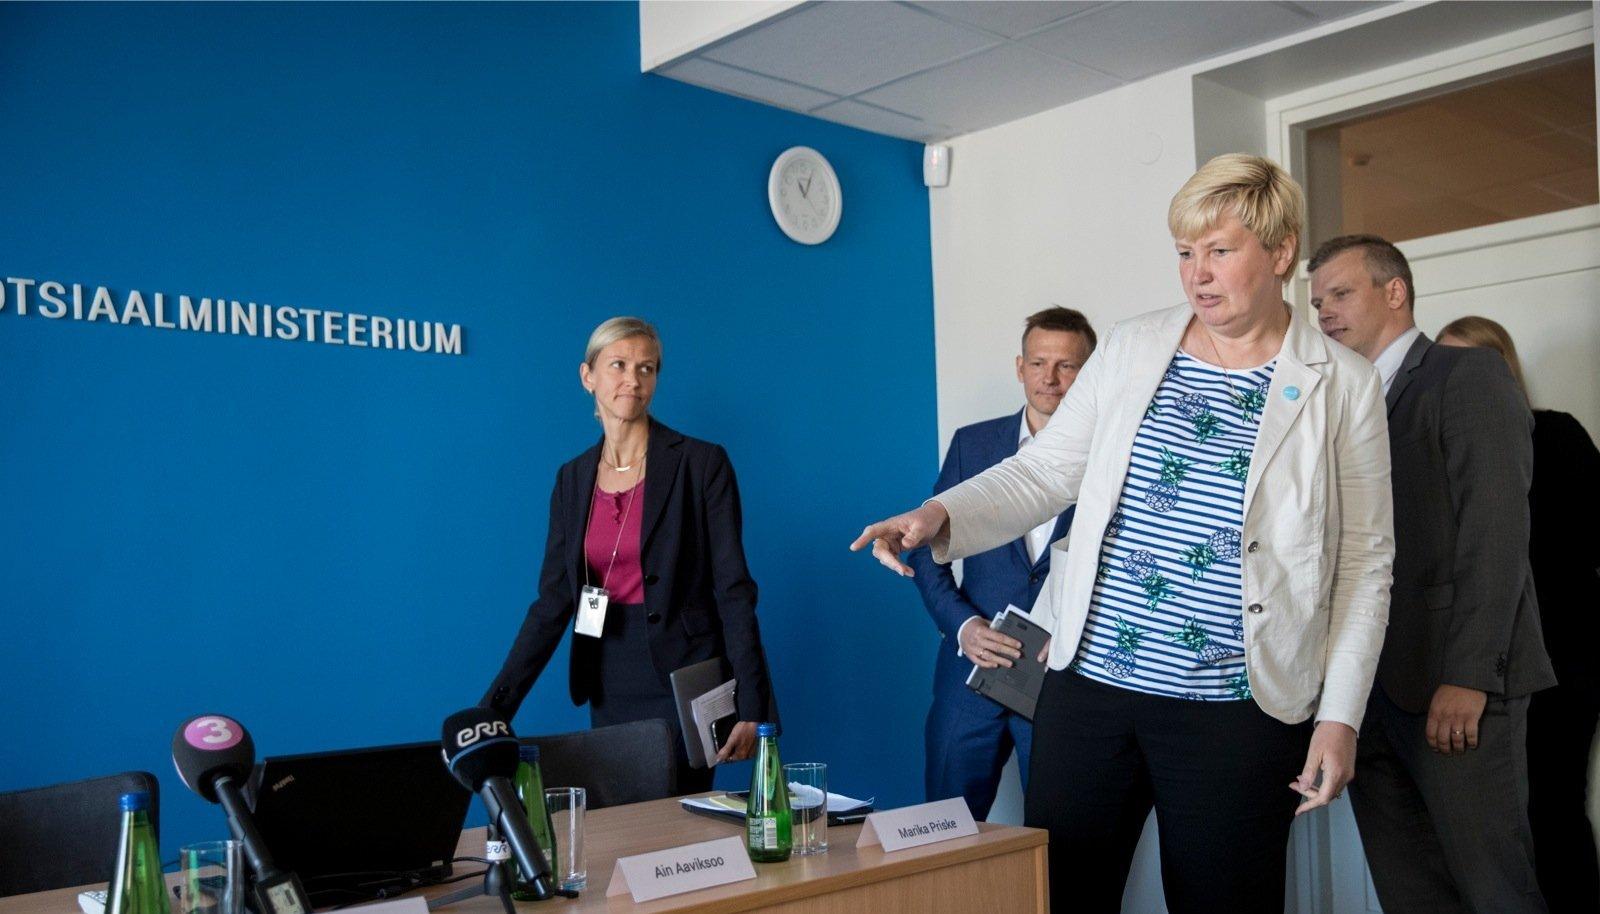 SKAIS2-e teemaline pressikonverents sotsiaalministeeriumis. Selgitusi tulevad jagamaMarika Priske, Katrin Reinhold, Ain Aaviksoo ja Egon Veermäe.